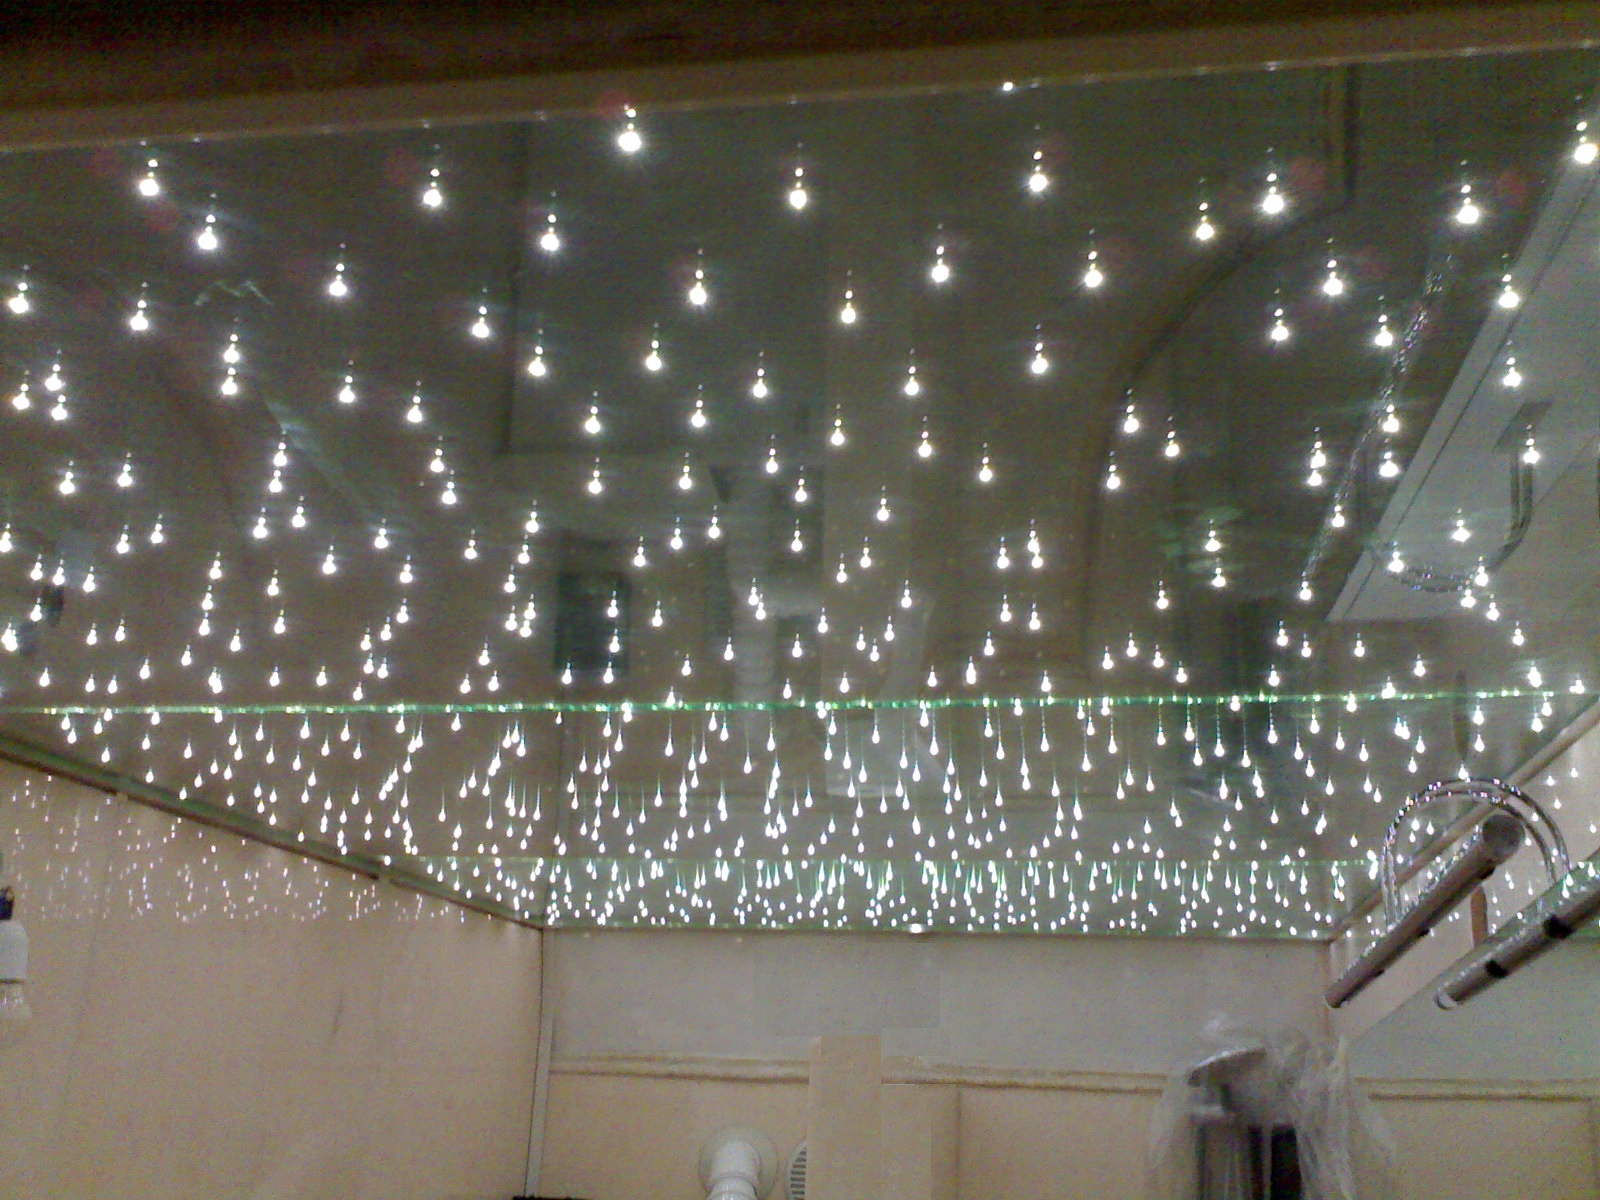 soffitto stellato costo: punto luce led soffitto cielo stellato .... kit punto luce led per ...